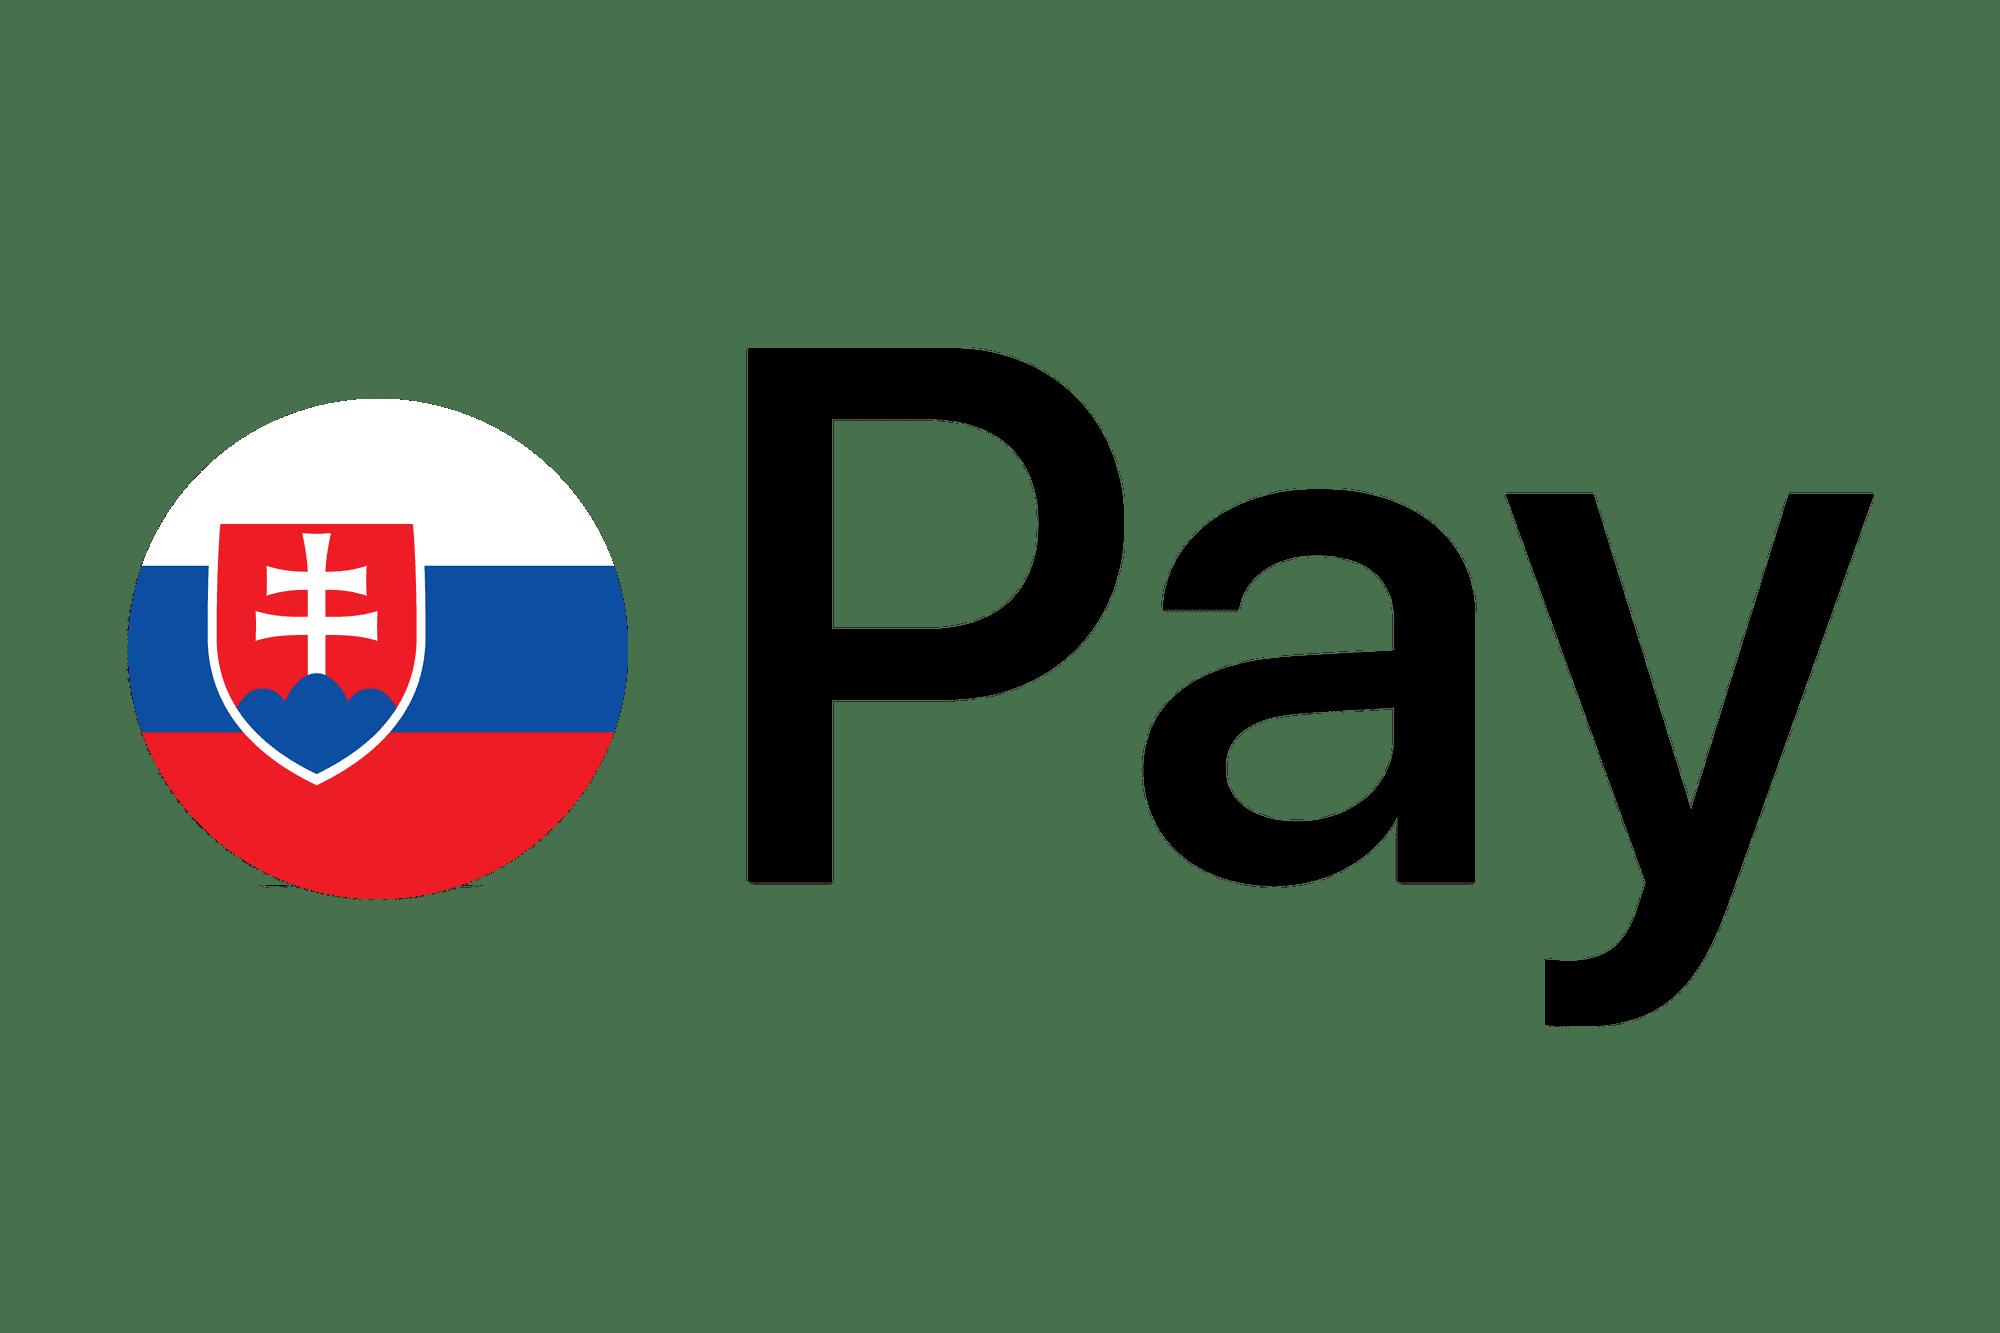 apple pay slovensko3 - Najpopulárnejšie články na MacBlogu za rok 2018